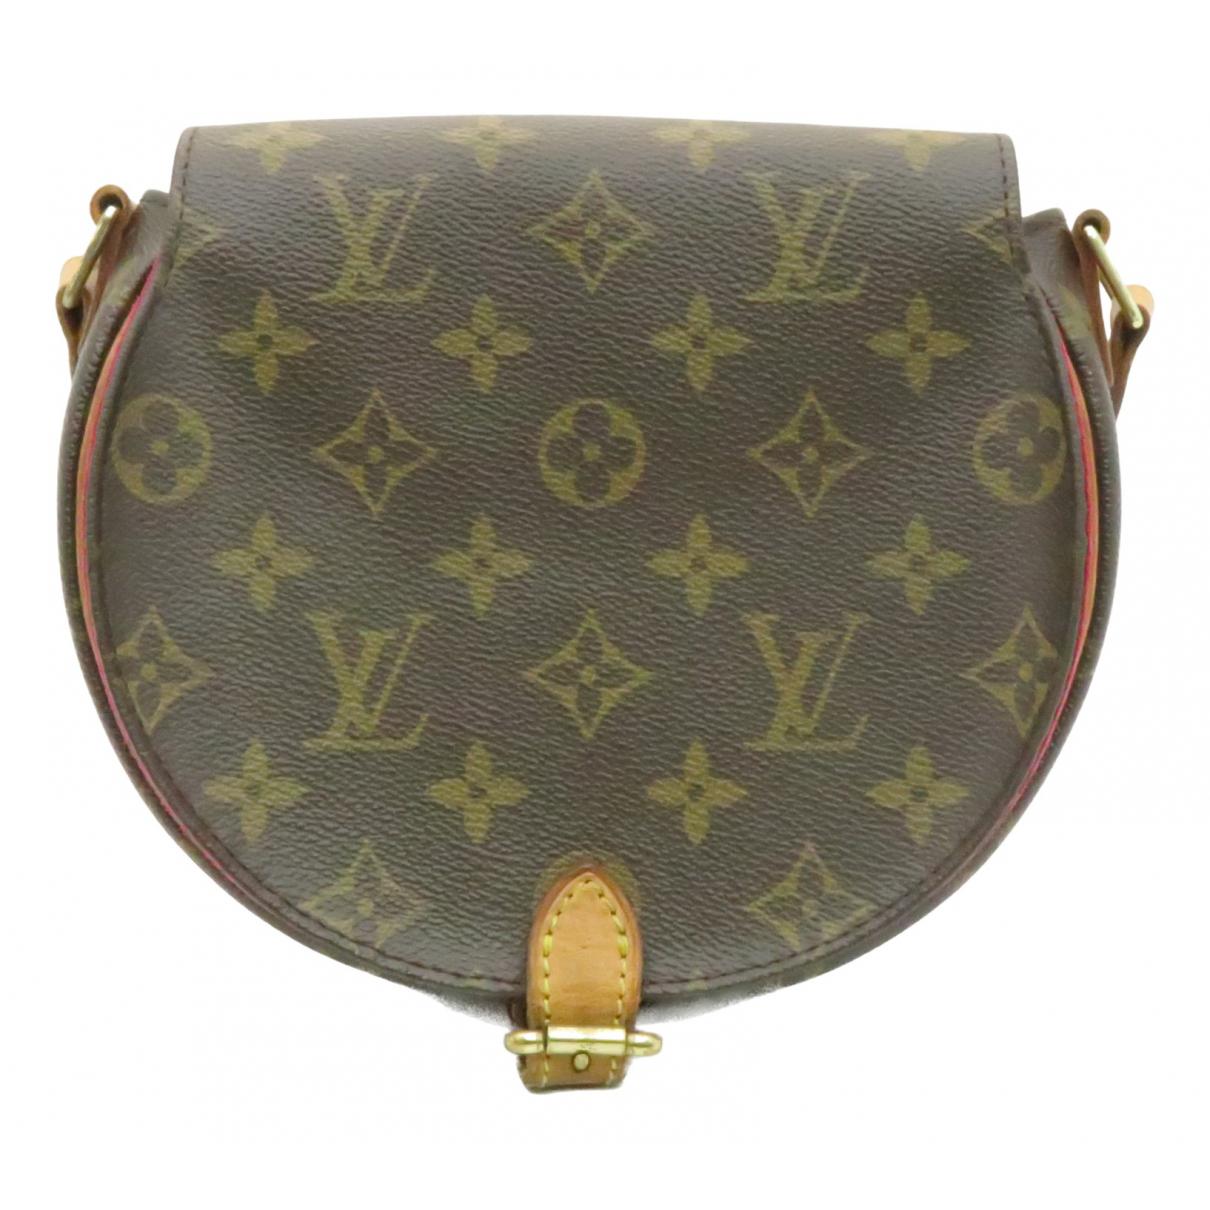 Louis Vuitton - Sac a main Tambourine pour femme en toile - marron